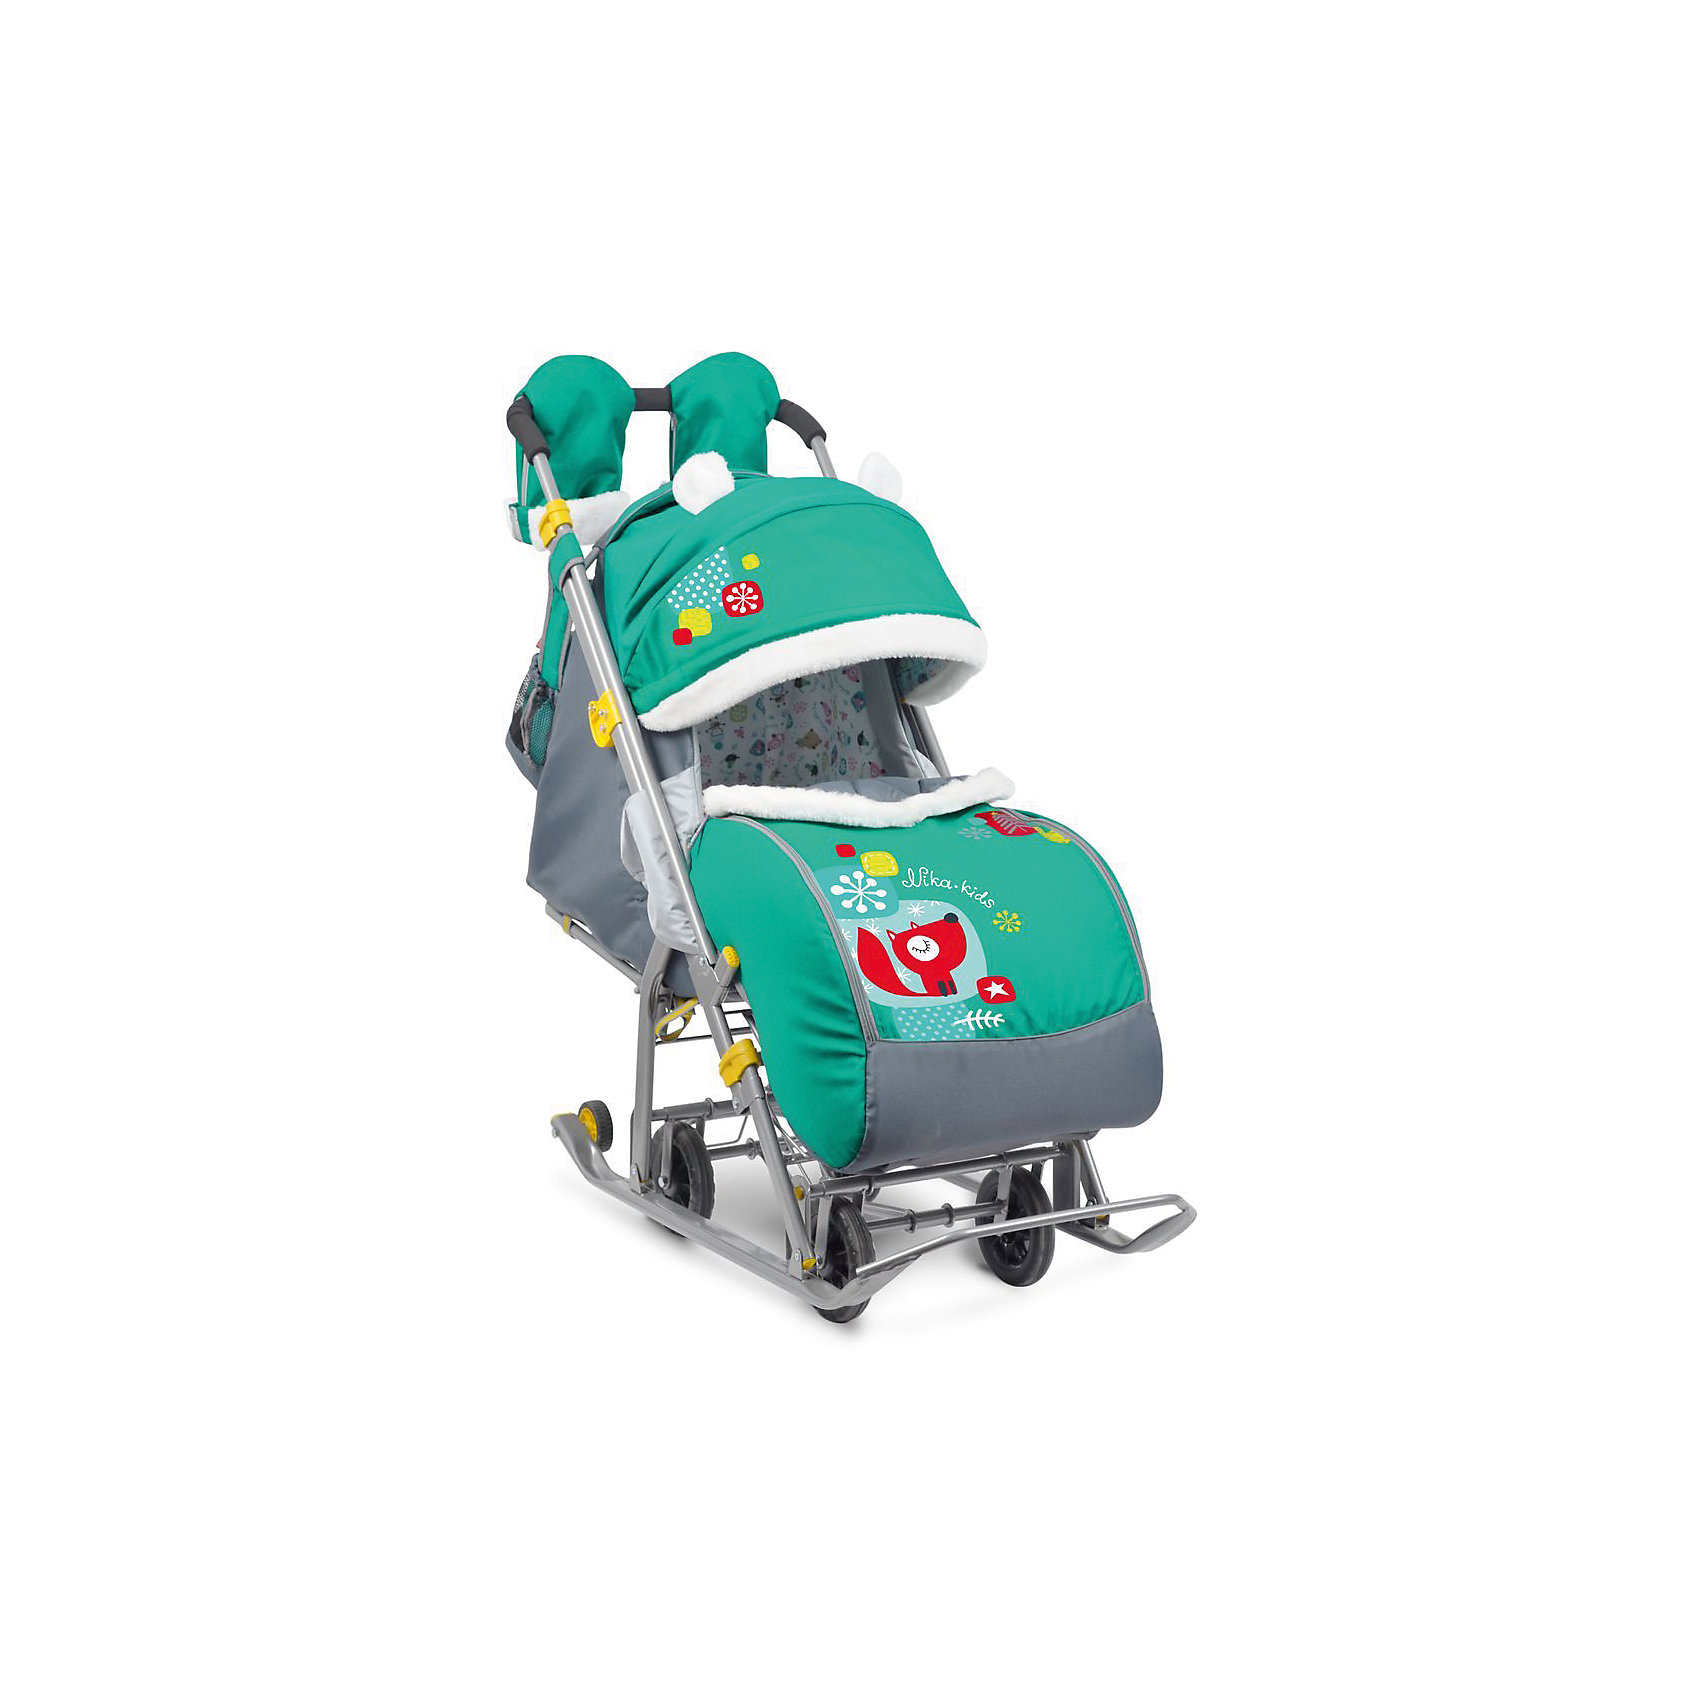 Санки-коляска Ника детям 7-2, Коллаж-лисички, изумрудСанки-коляска Ника детям 7-2, Коллаж-лисички, изумруд – легкое передвижение в снежную погоду.<br>Удобные санки оснащены пятиточечными ремнями безопасности, которые предотвращают выпадение малыша из колясок даже при очень быстрой ходьбе. Благодаря широким полозьям и транспортировочным колесам санки-коляску очень легко перемещать и возить как по бездорожью, так и по дорогам с небольшим количеством снега. Чехол для ножек и капюшон с окошком позволяют малышу укрыться от снега, ветра, метели и не заскучать. Спинка регулируется в трех положениях, а специальная подножка позволяет ребенку удобно разместиться лежа. Ручка для родителей имеет два положения: сзади санок и спереди, и оснащена теплыми варежками для долгих прогулок. В комплект к санкам идет вместительная сумка.<br><br>Дополнительная информация:<br><br>- материал: металл, полиэсте <br>- размер в разложенном виде (с выдвинутой колесной базой):105х44,5х109,5 см<br>- высота ручки от земли: 93 см<br>- размер сиденья: 32 х 29 см<br>- размер спинки: 33х43 см<br>- размер в сложенном виде: 110,5х44,5х28 см<br>- вес: 10 кг<br>- максимальный вес ребенка: 25 кг<br><br>Санки-коляска Ника детям 7-2, Коллаж-лисички, изумруд можно купить в нашем магазине.<br><br>Ширина мм: 1105<br>Глубина мм: 445<br>Высота мм: 280<br>Вес г: 11000<br>Возраст от месяцев: 12<br>Возраст до месяцев: 48<br>Пол: Унисекс<br>Возраст: Детский<br>SKU: 4937468